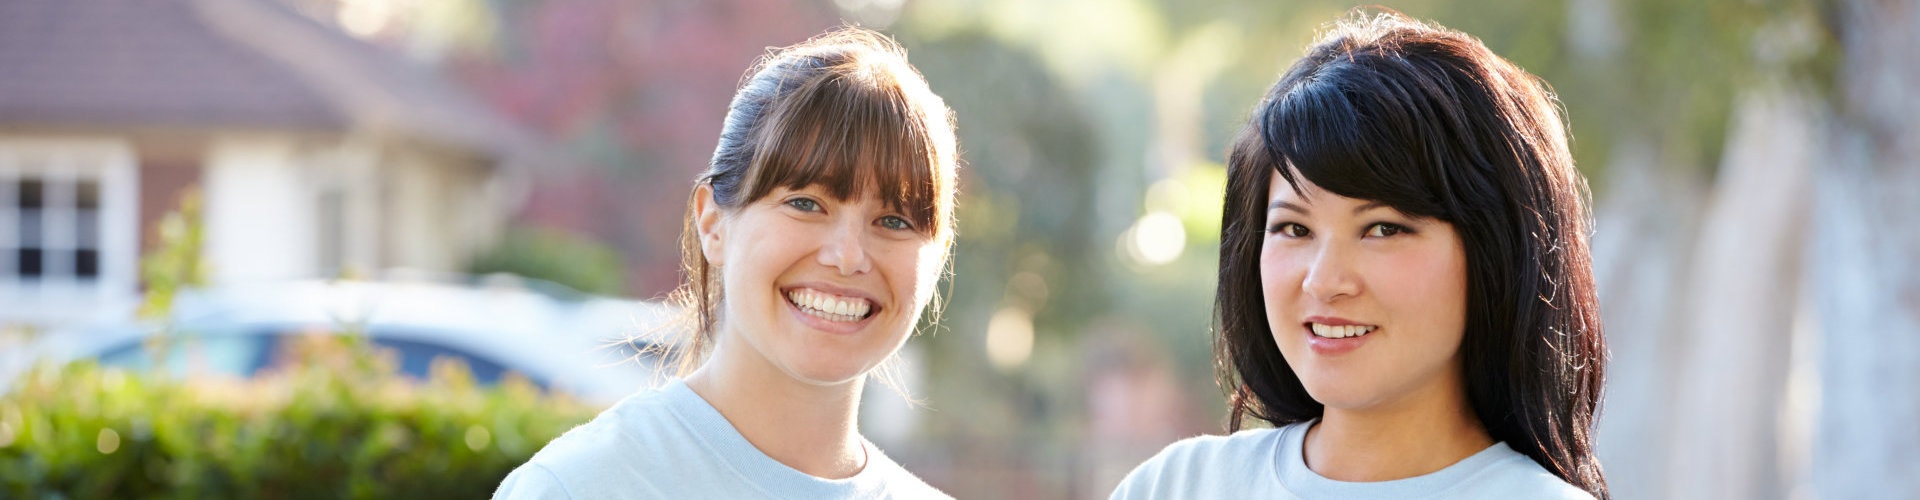 two volunteers smiling